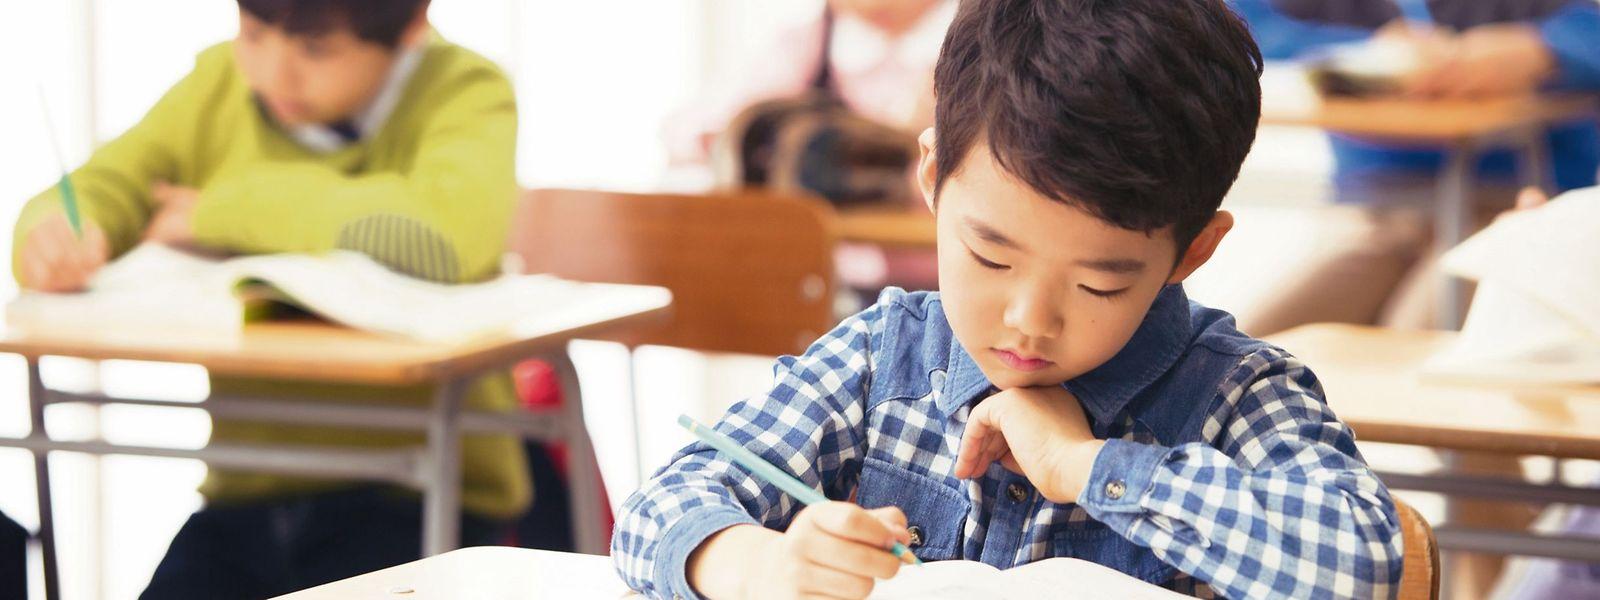 """Auch die jüngeren Schüler verbringen ihre Nachmittage in """"Hagwons"""", wie Nachhilfeinstitute genannt werden.."""